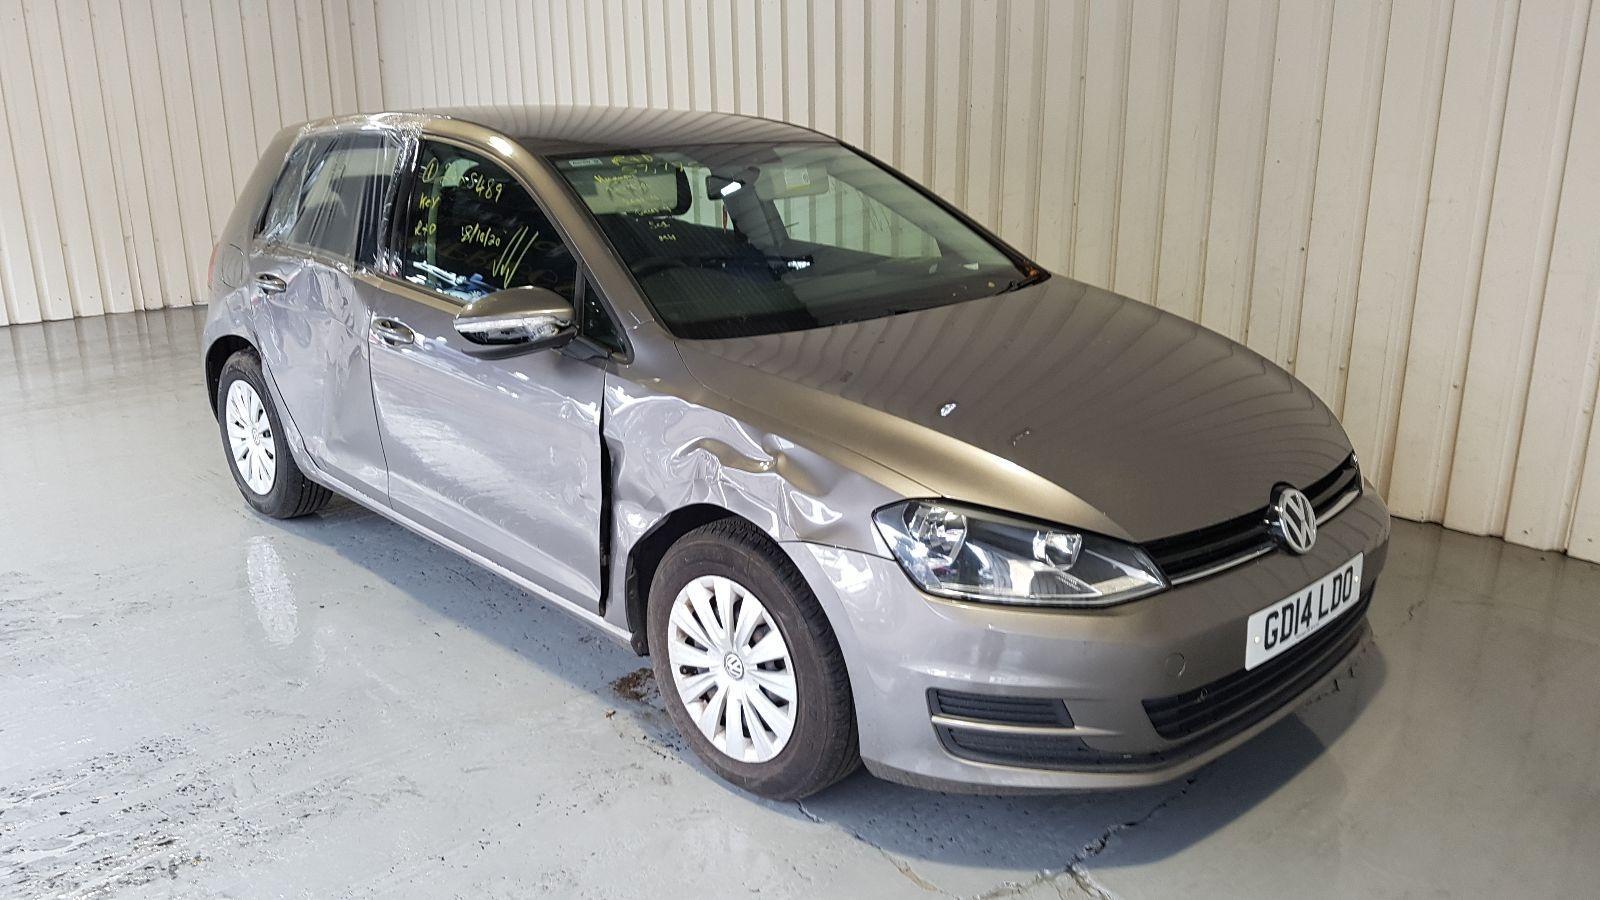 Image for a Volkswagen Golf 2014 5 Door Hatchback